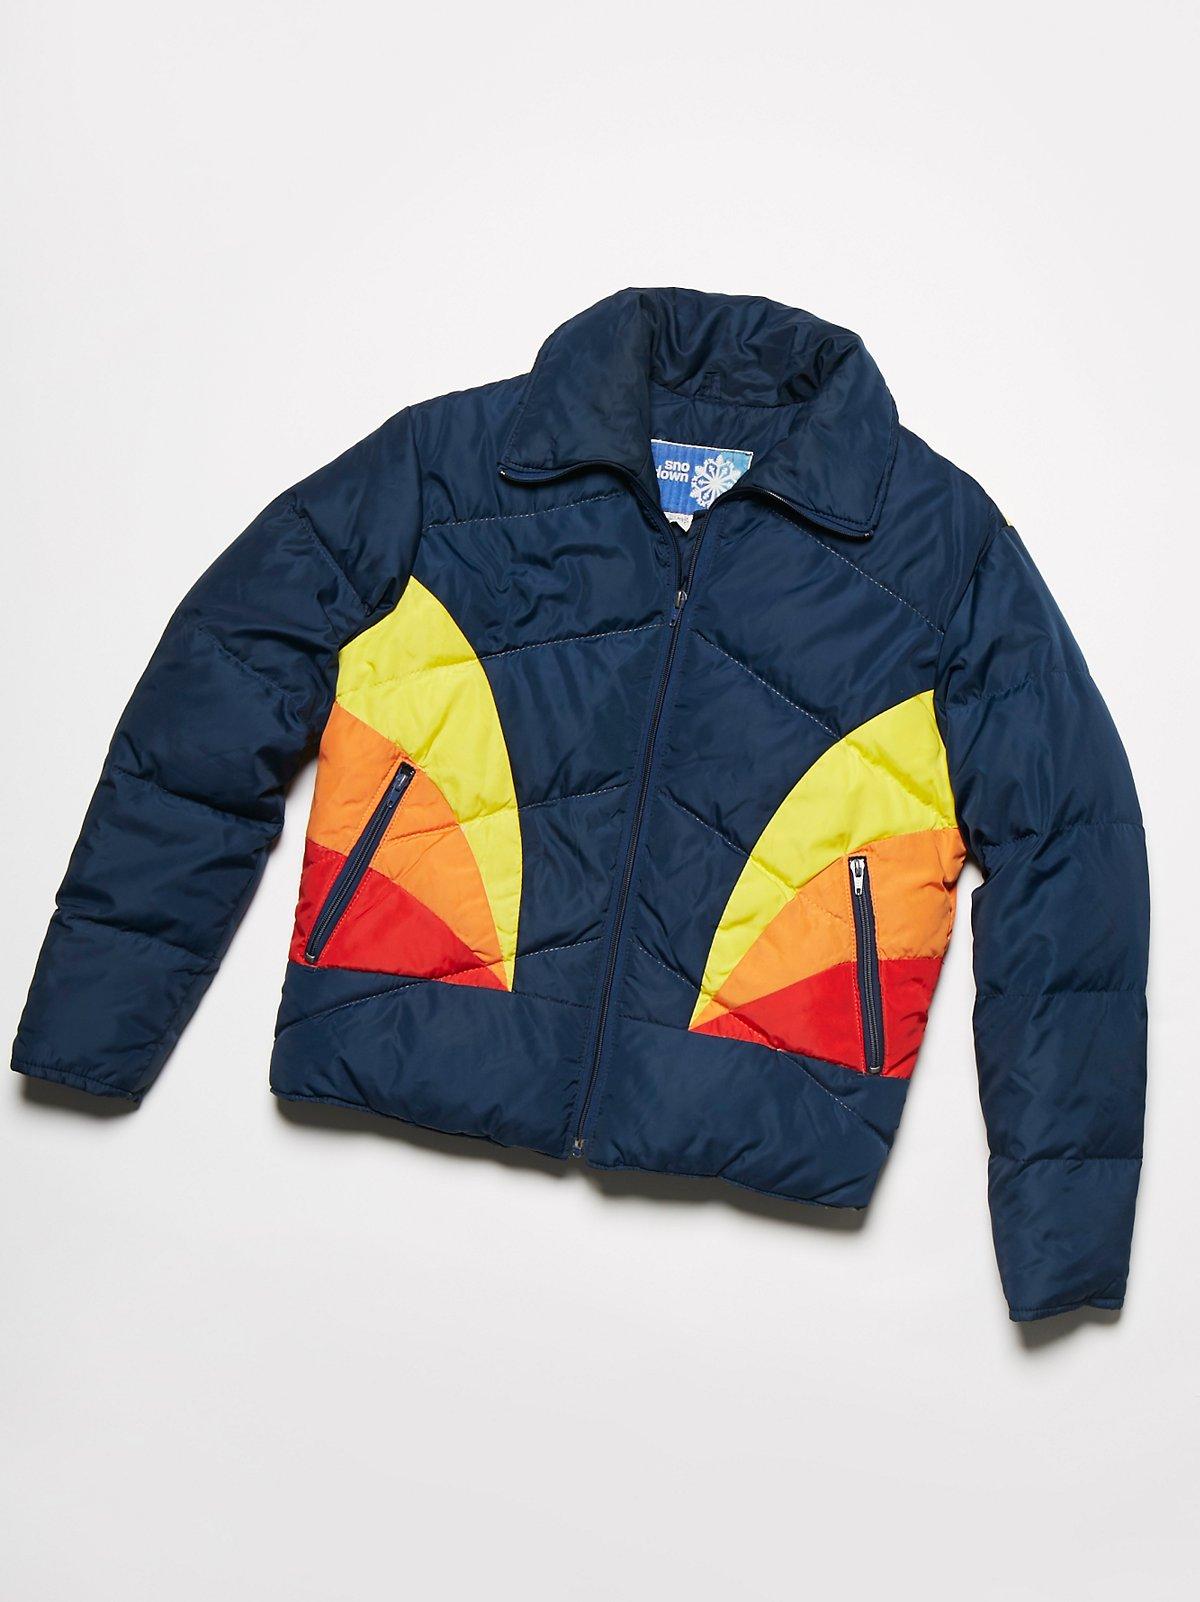 Vintage 1970s Ski Jacket